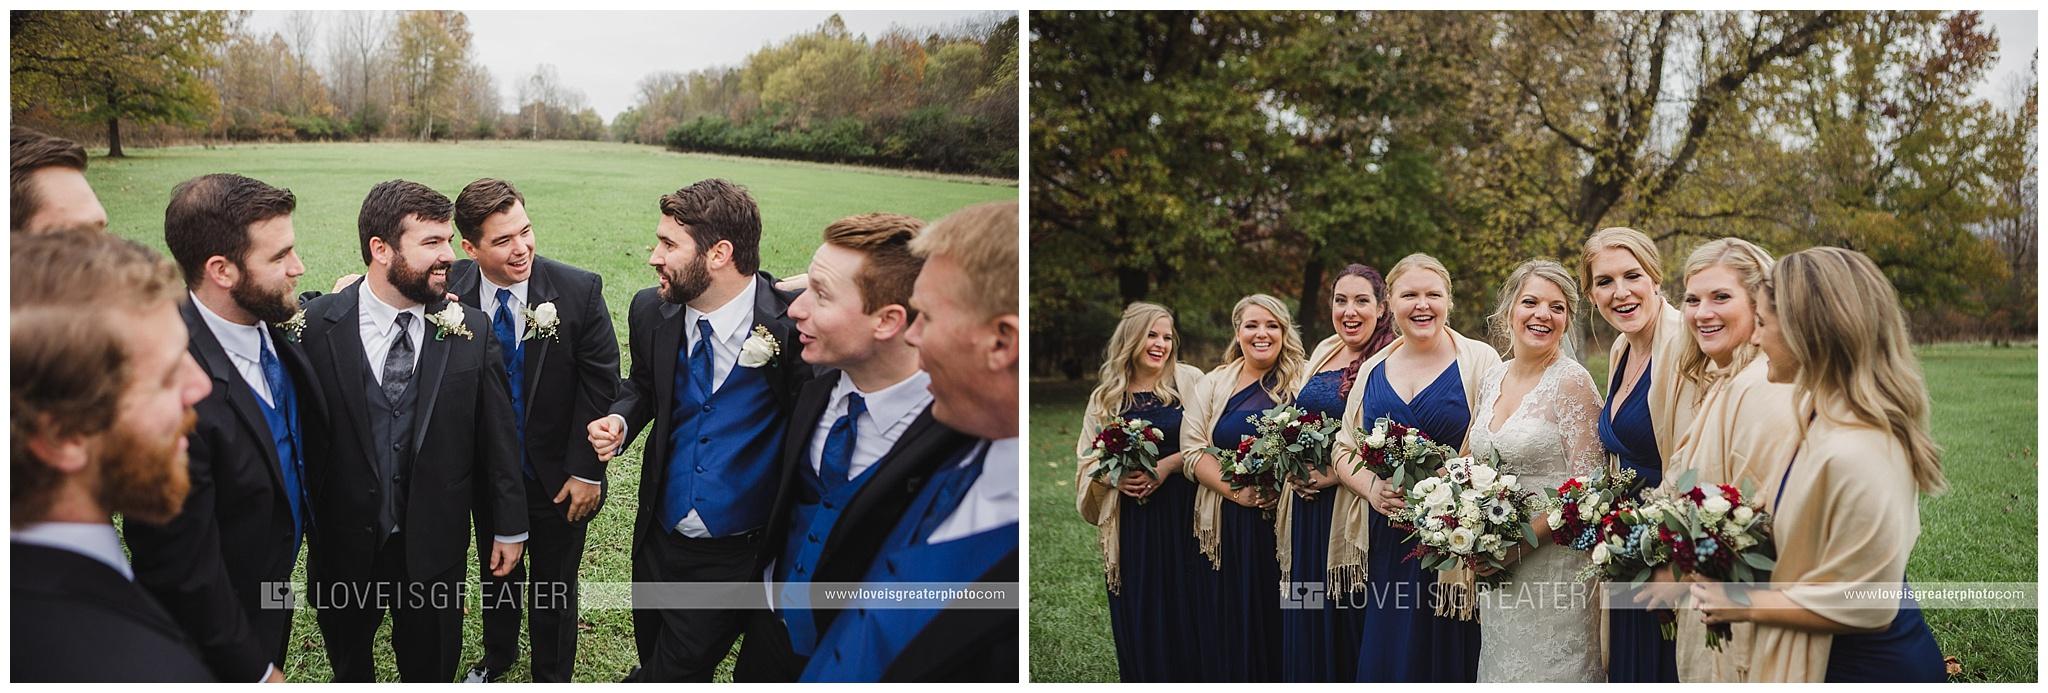 toledo-wedding-photographer_0021-1